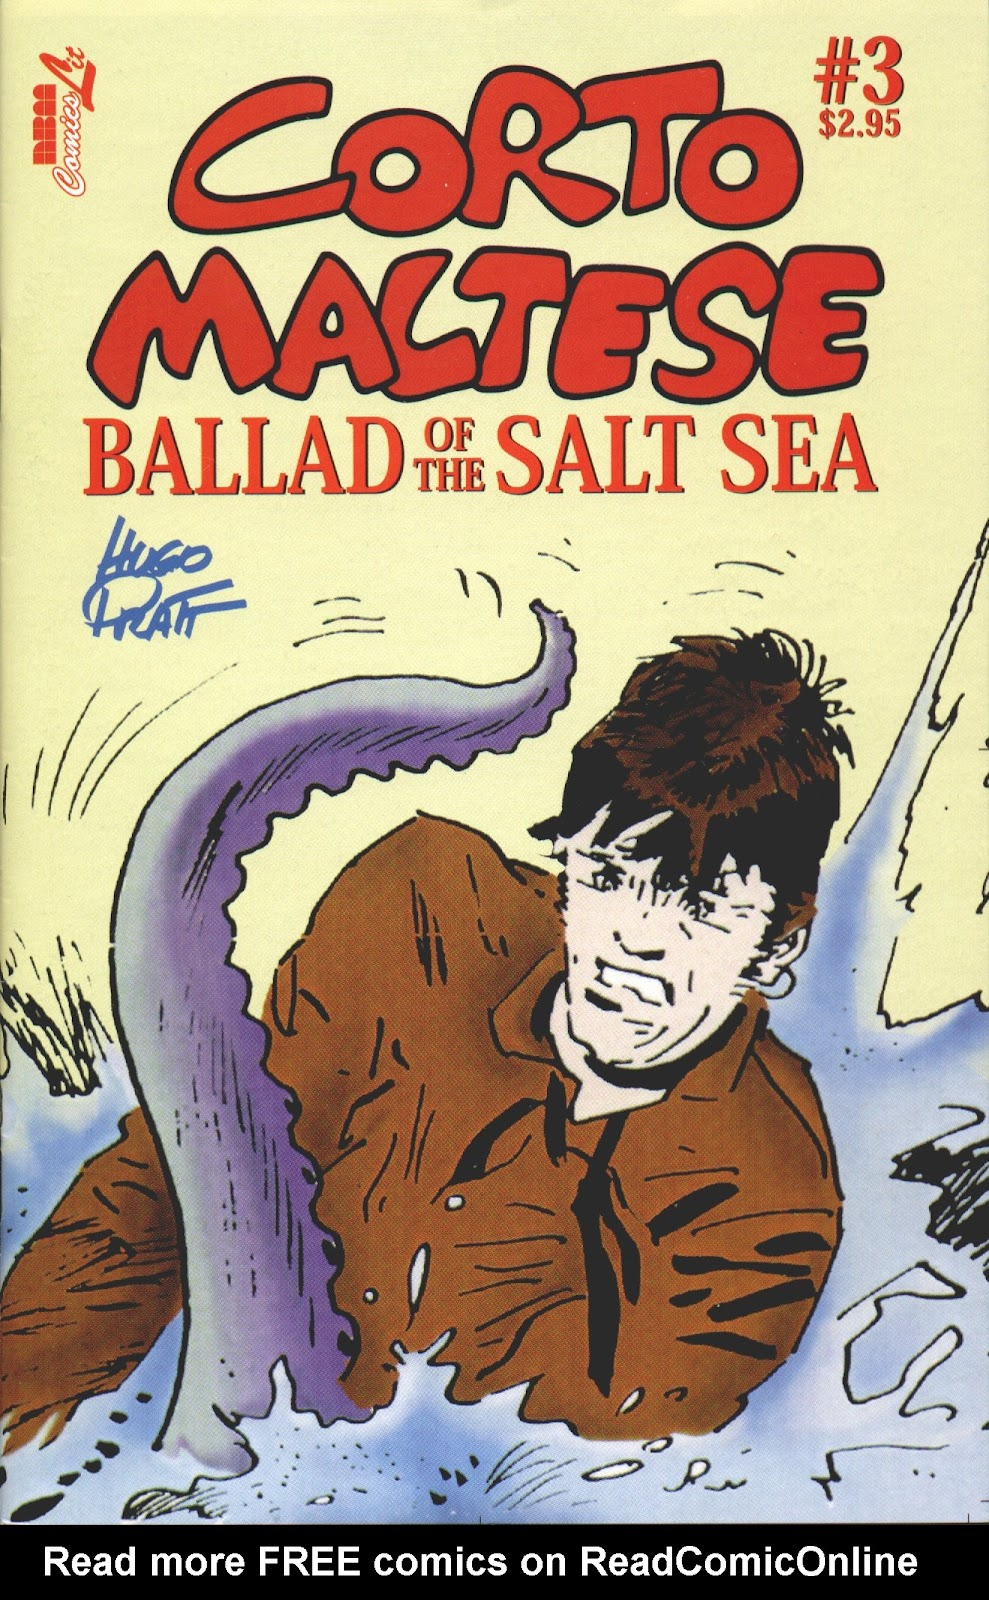 Corto Maltese: Ballad of the Salt Sea issue 3 - Page 1